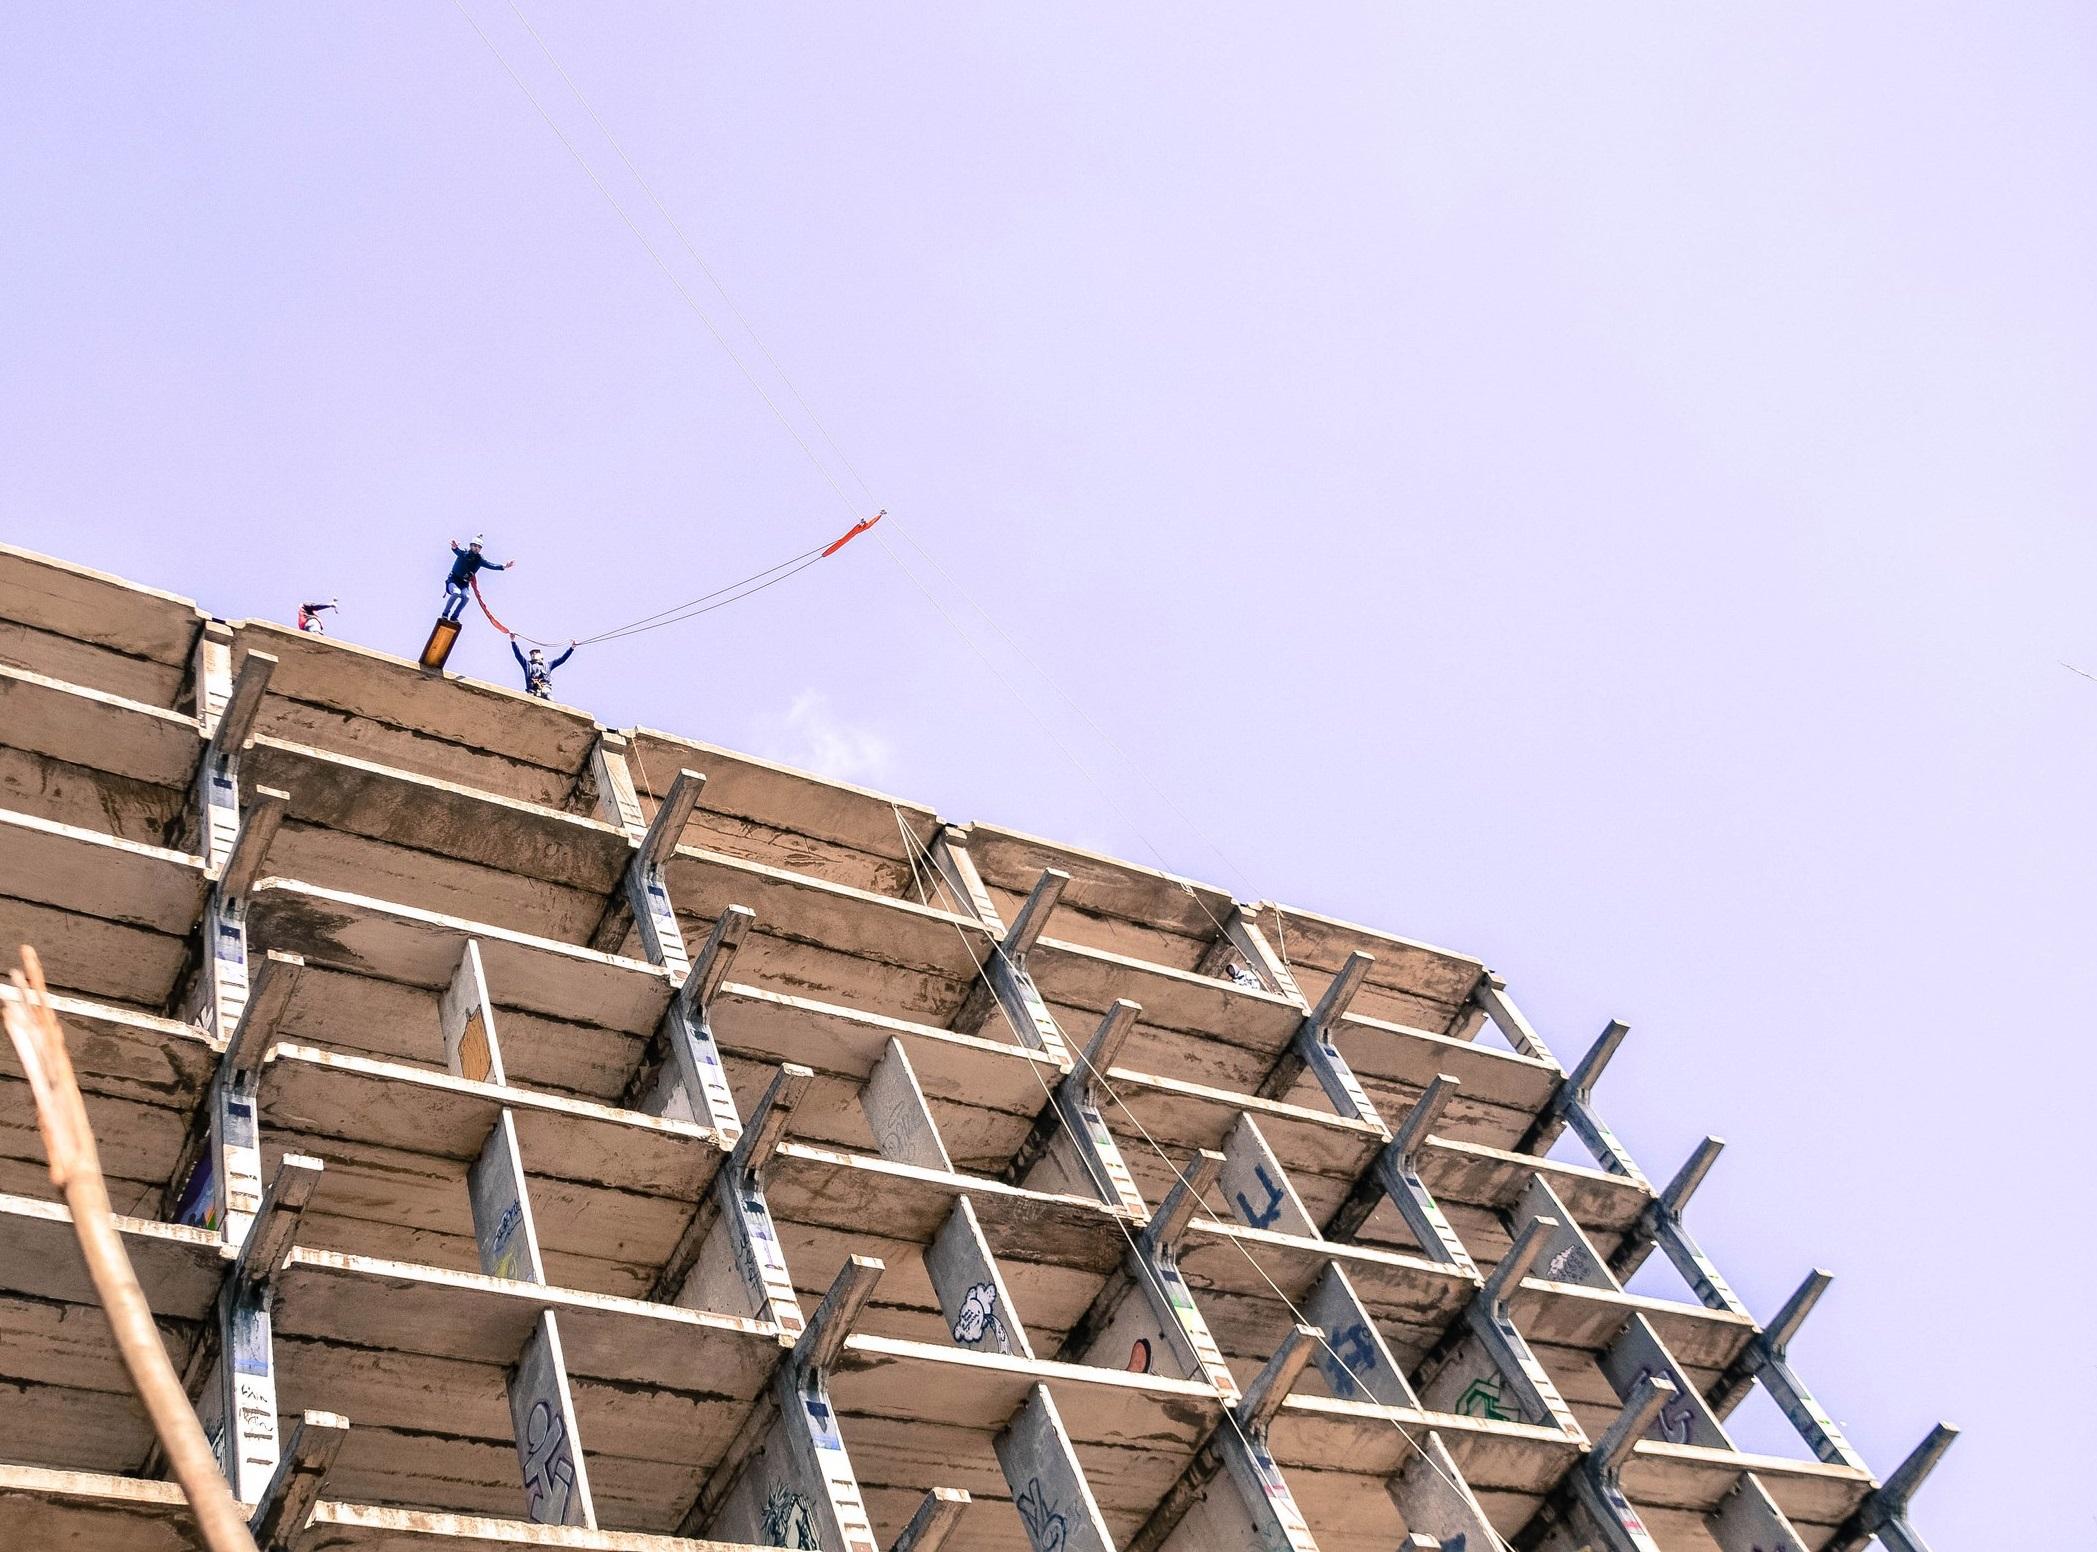 тарзанка с 35 метрового здания